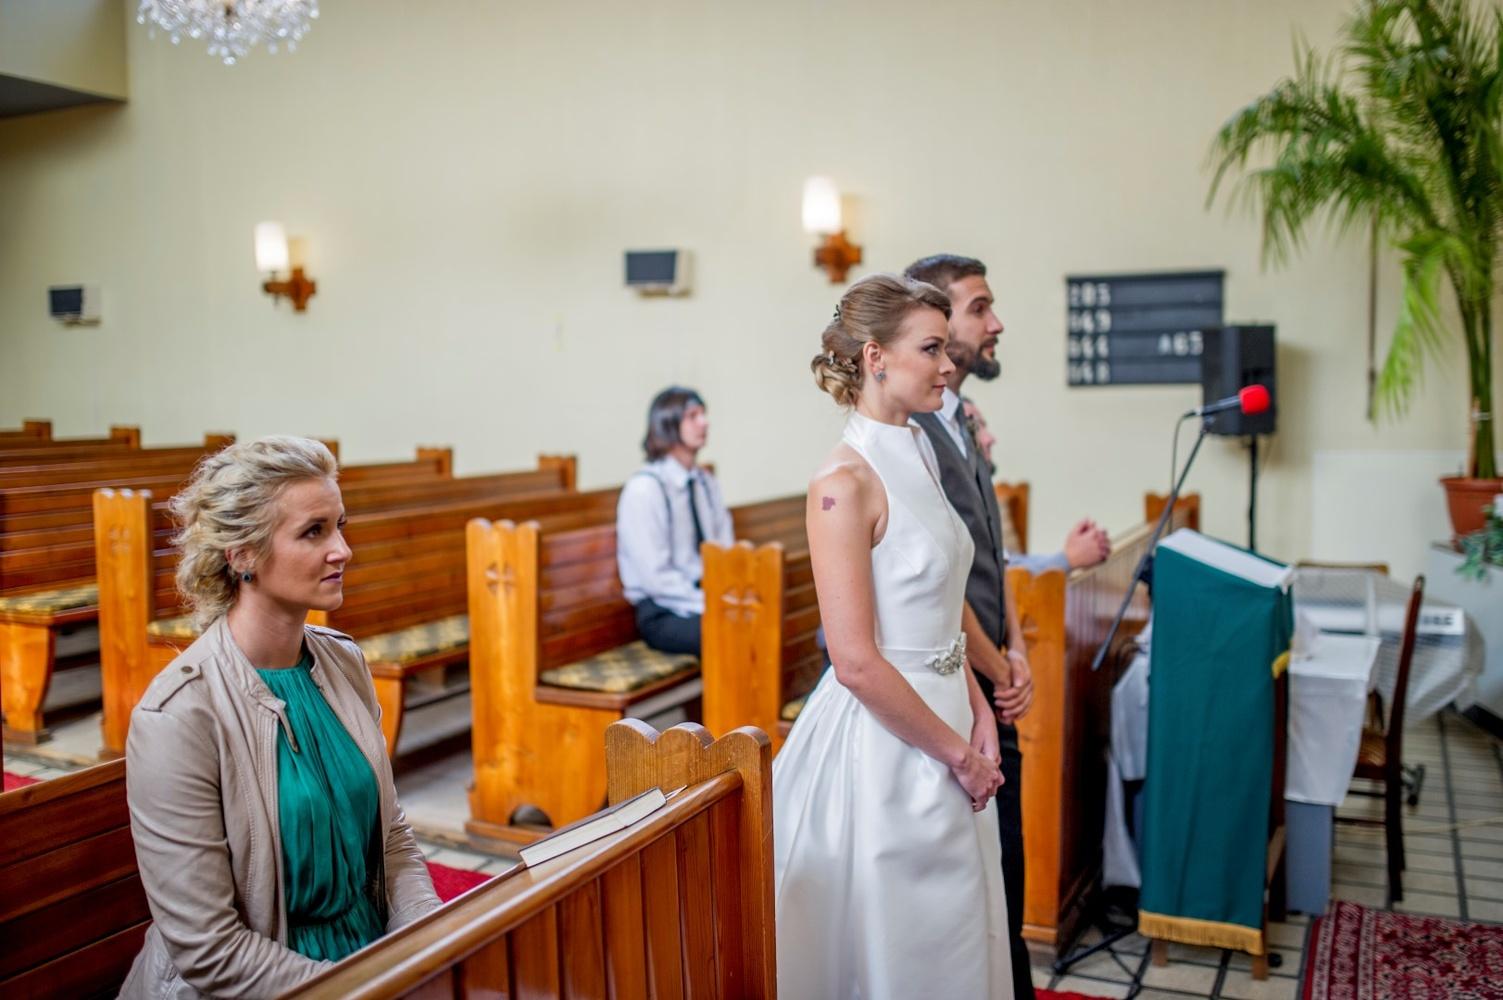 http://www.fotoz.sk/images/gallery-8/normal/eskuvoi-fotos_svadobny-fotograf_359.jpg